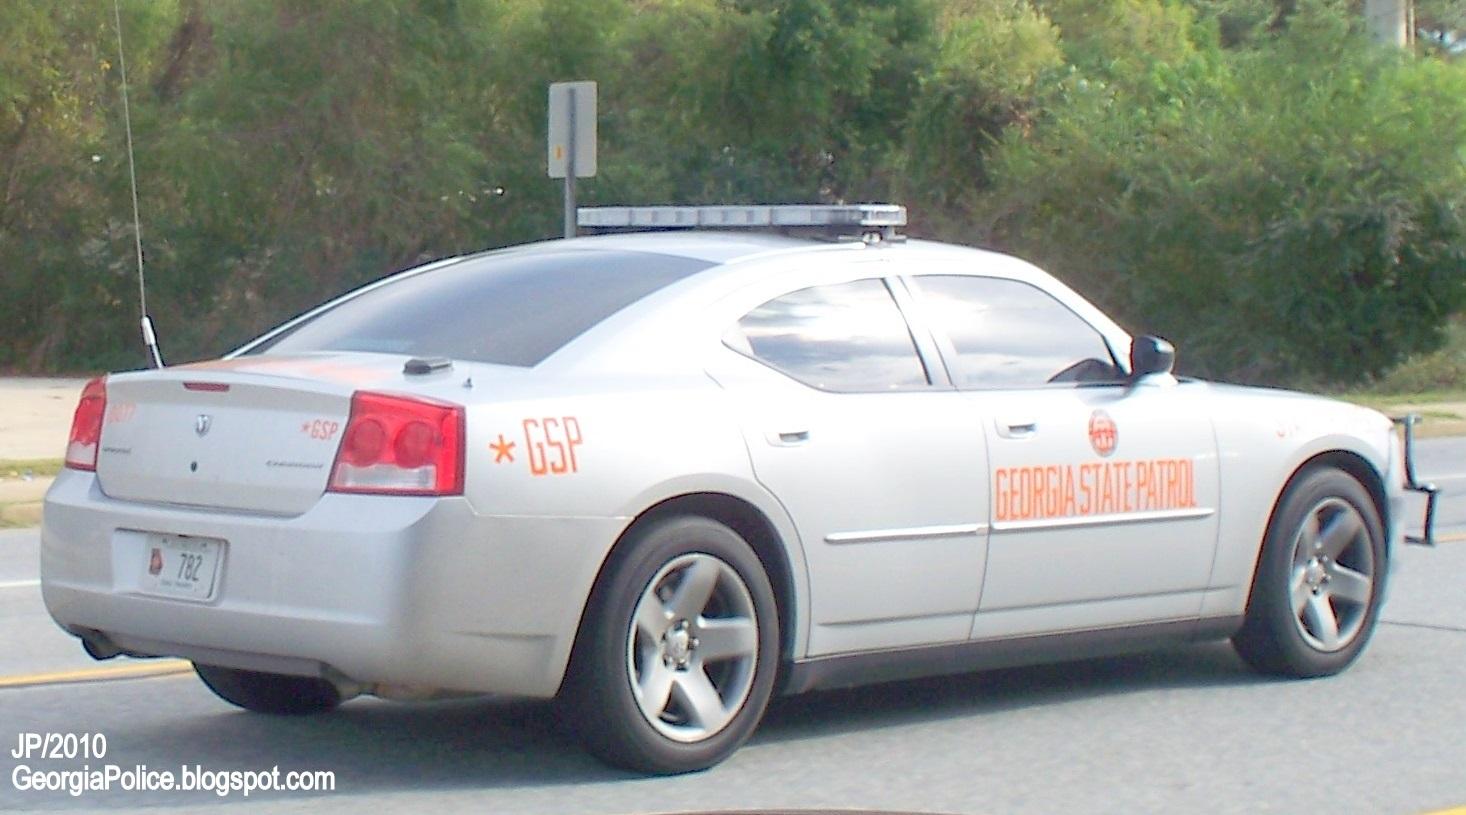 police dept ga fl al sheriff state patrol car cops k 9 swat law enforcement jail prison. Black Bedroom Furniture Sets. Home Design Ideas